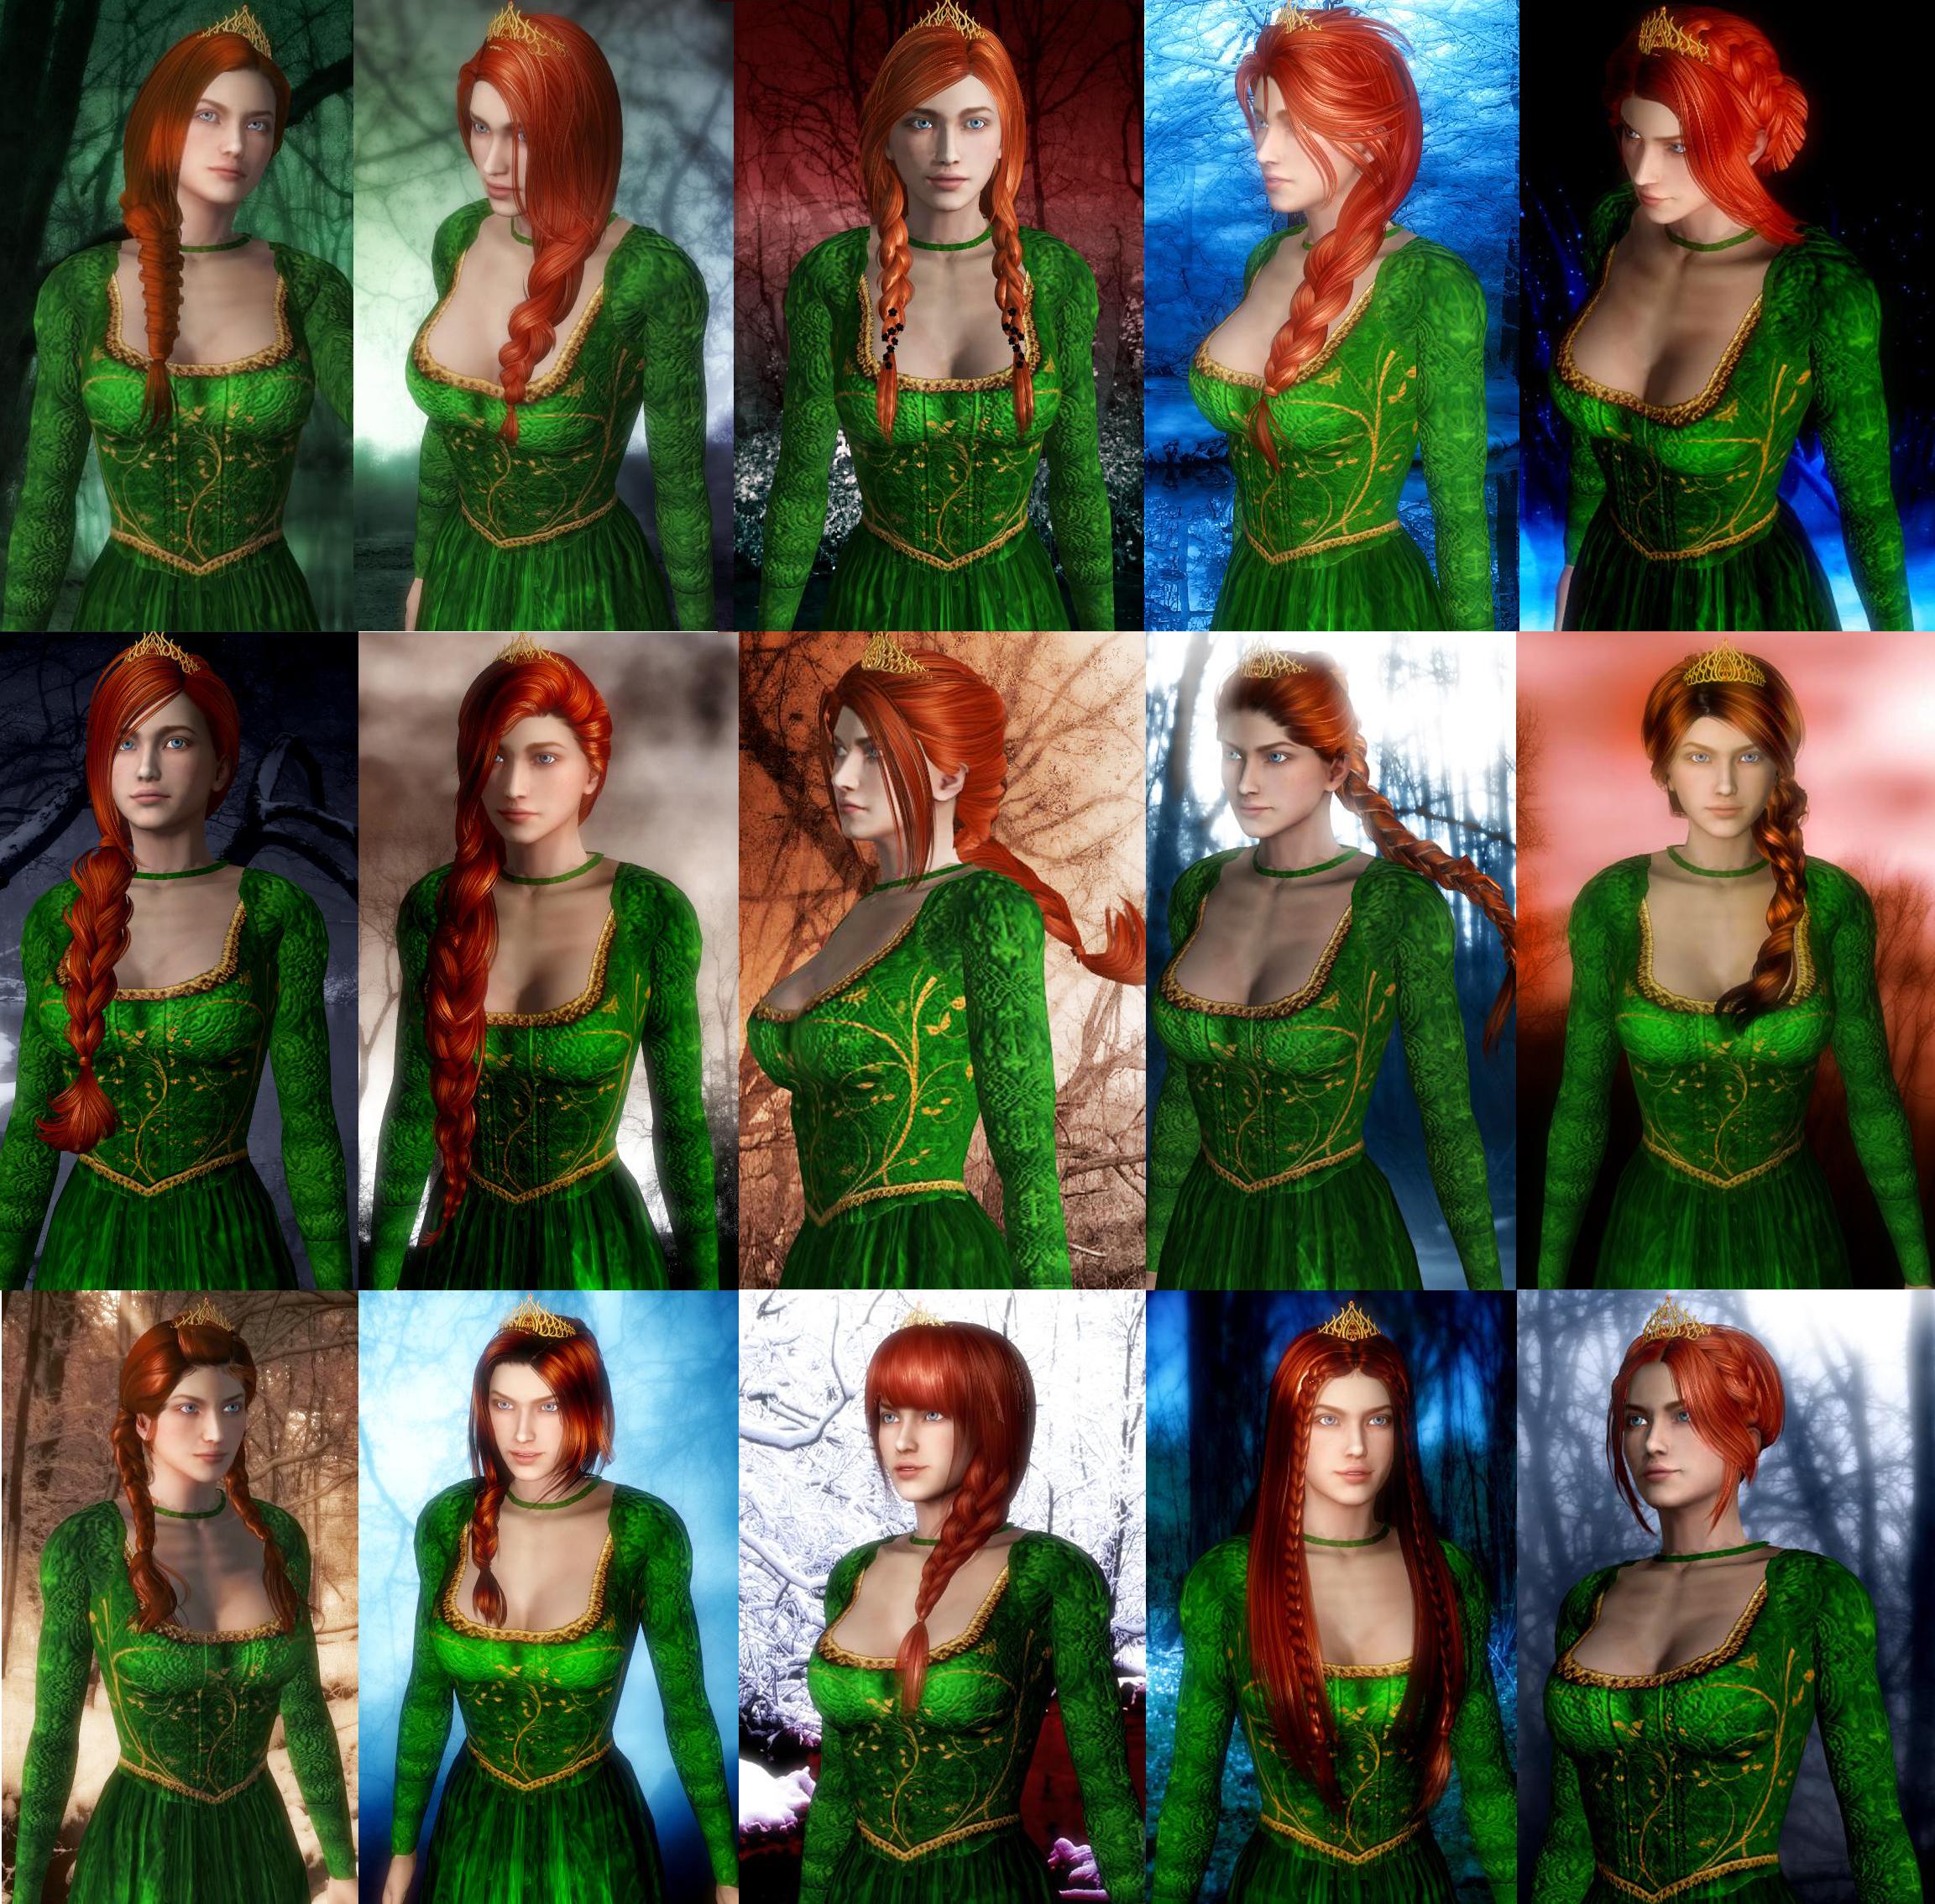 Shrek Princess Fiona Really Loves Her Braids By Sovietmentality On Deviantart